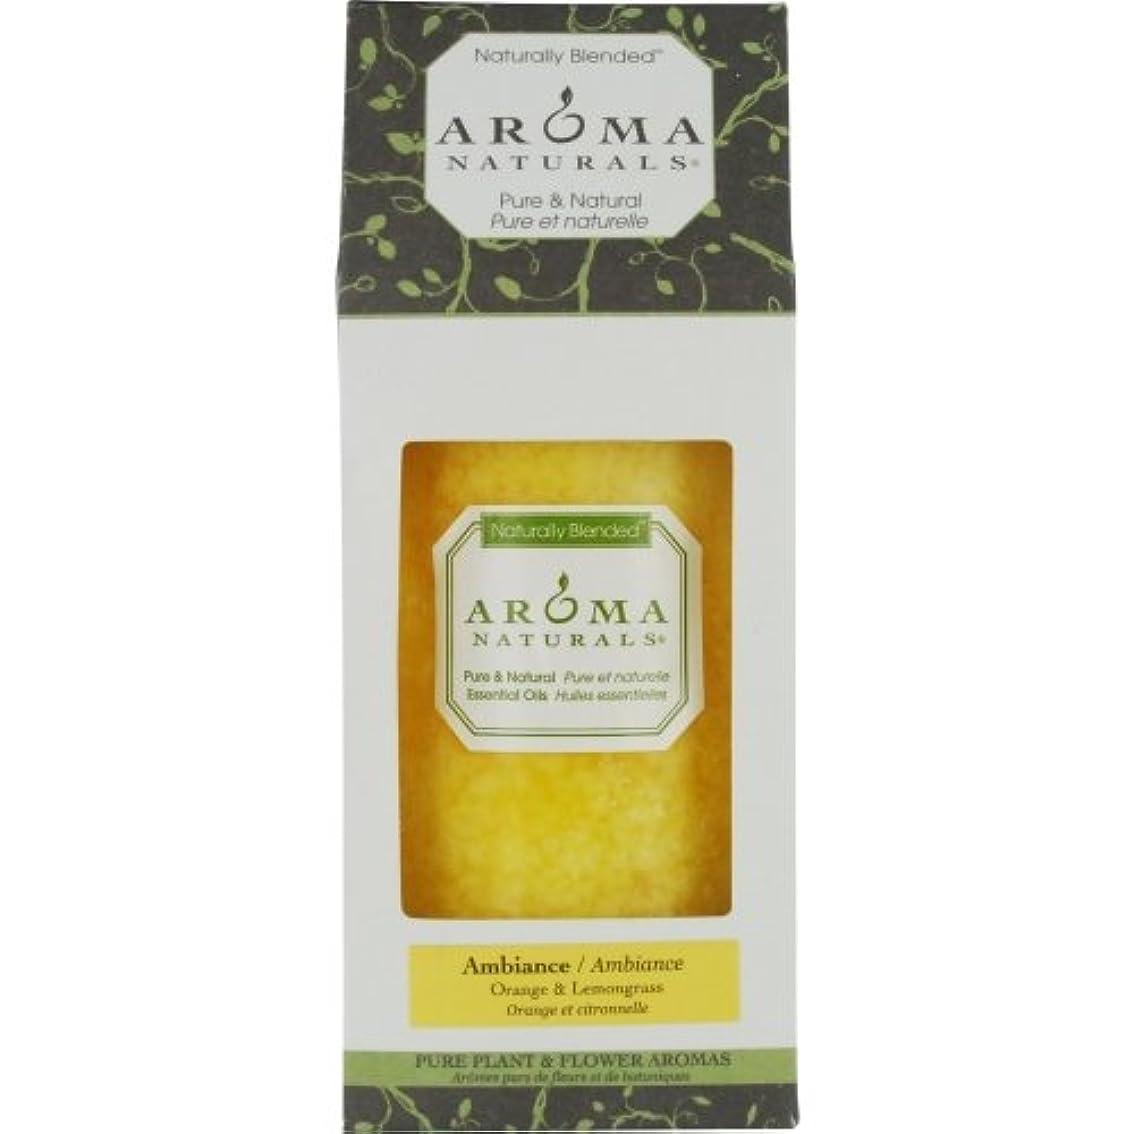 抑止する聖人野なアロマナチュラルズ オーセンティック アロマテラピー キャンドル - アンビアンス(オレンジ&レモングラス) (2.75x5) inch並行輸入品